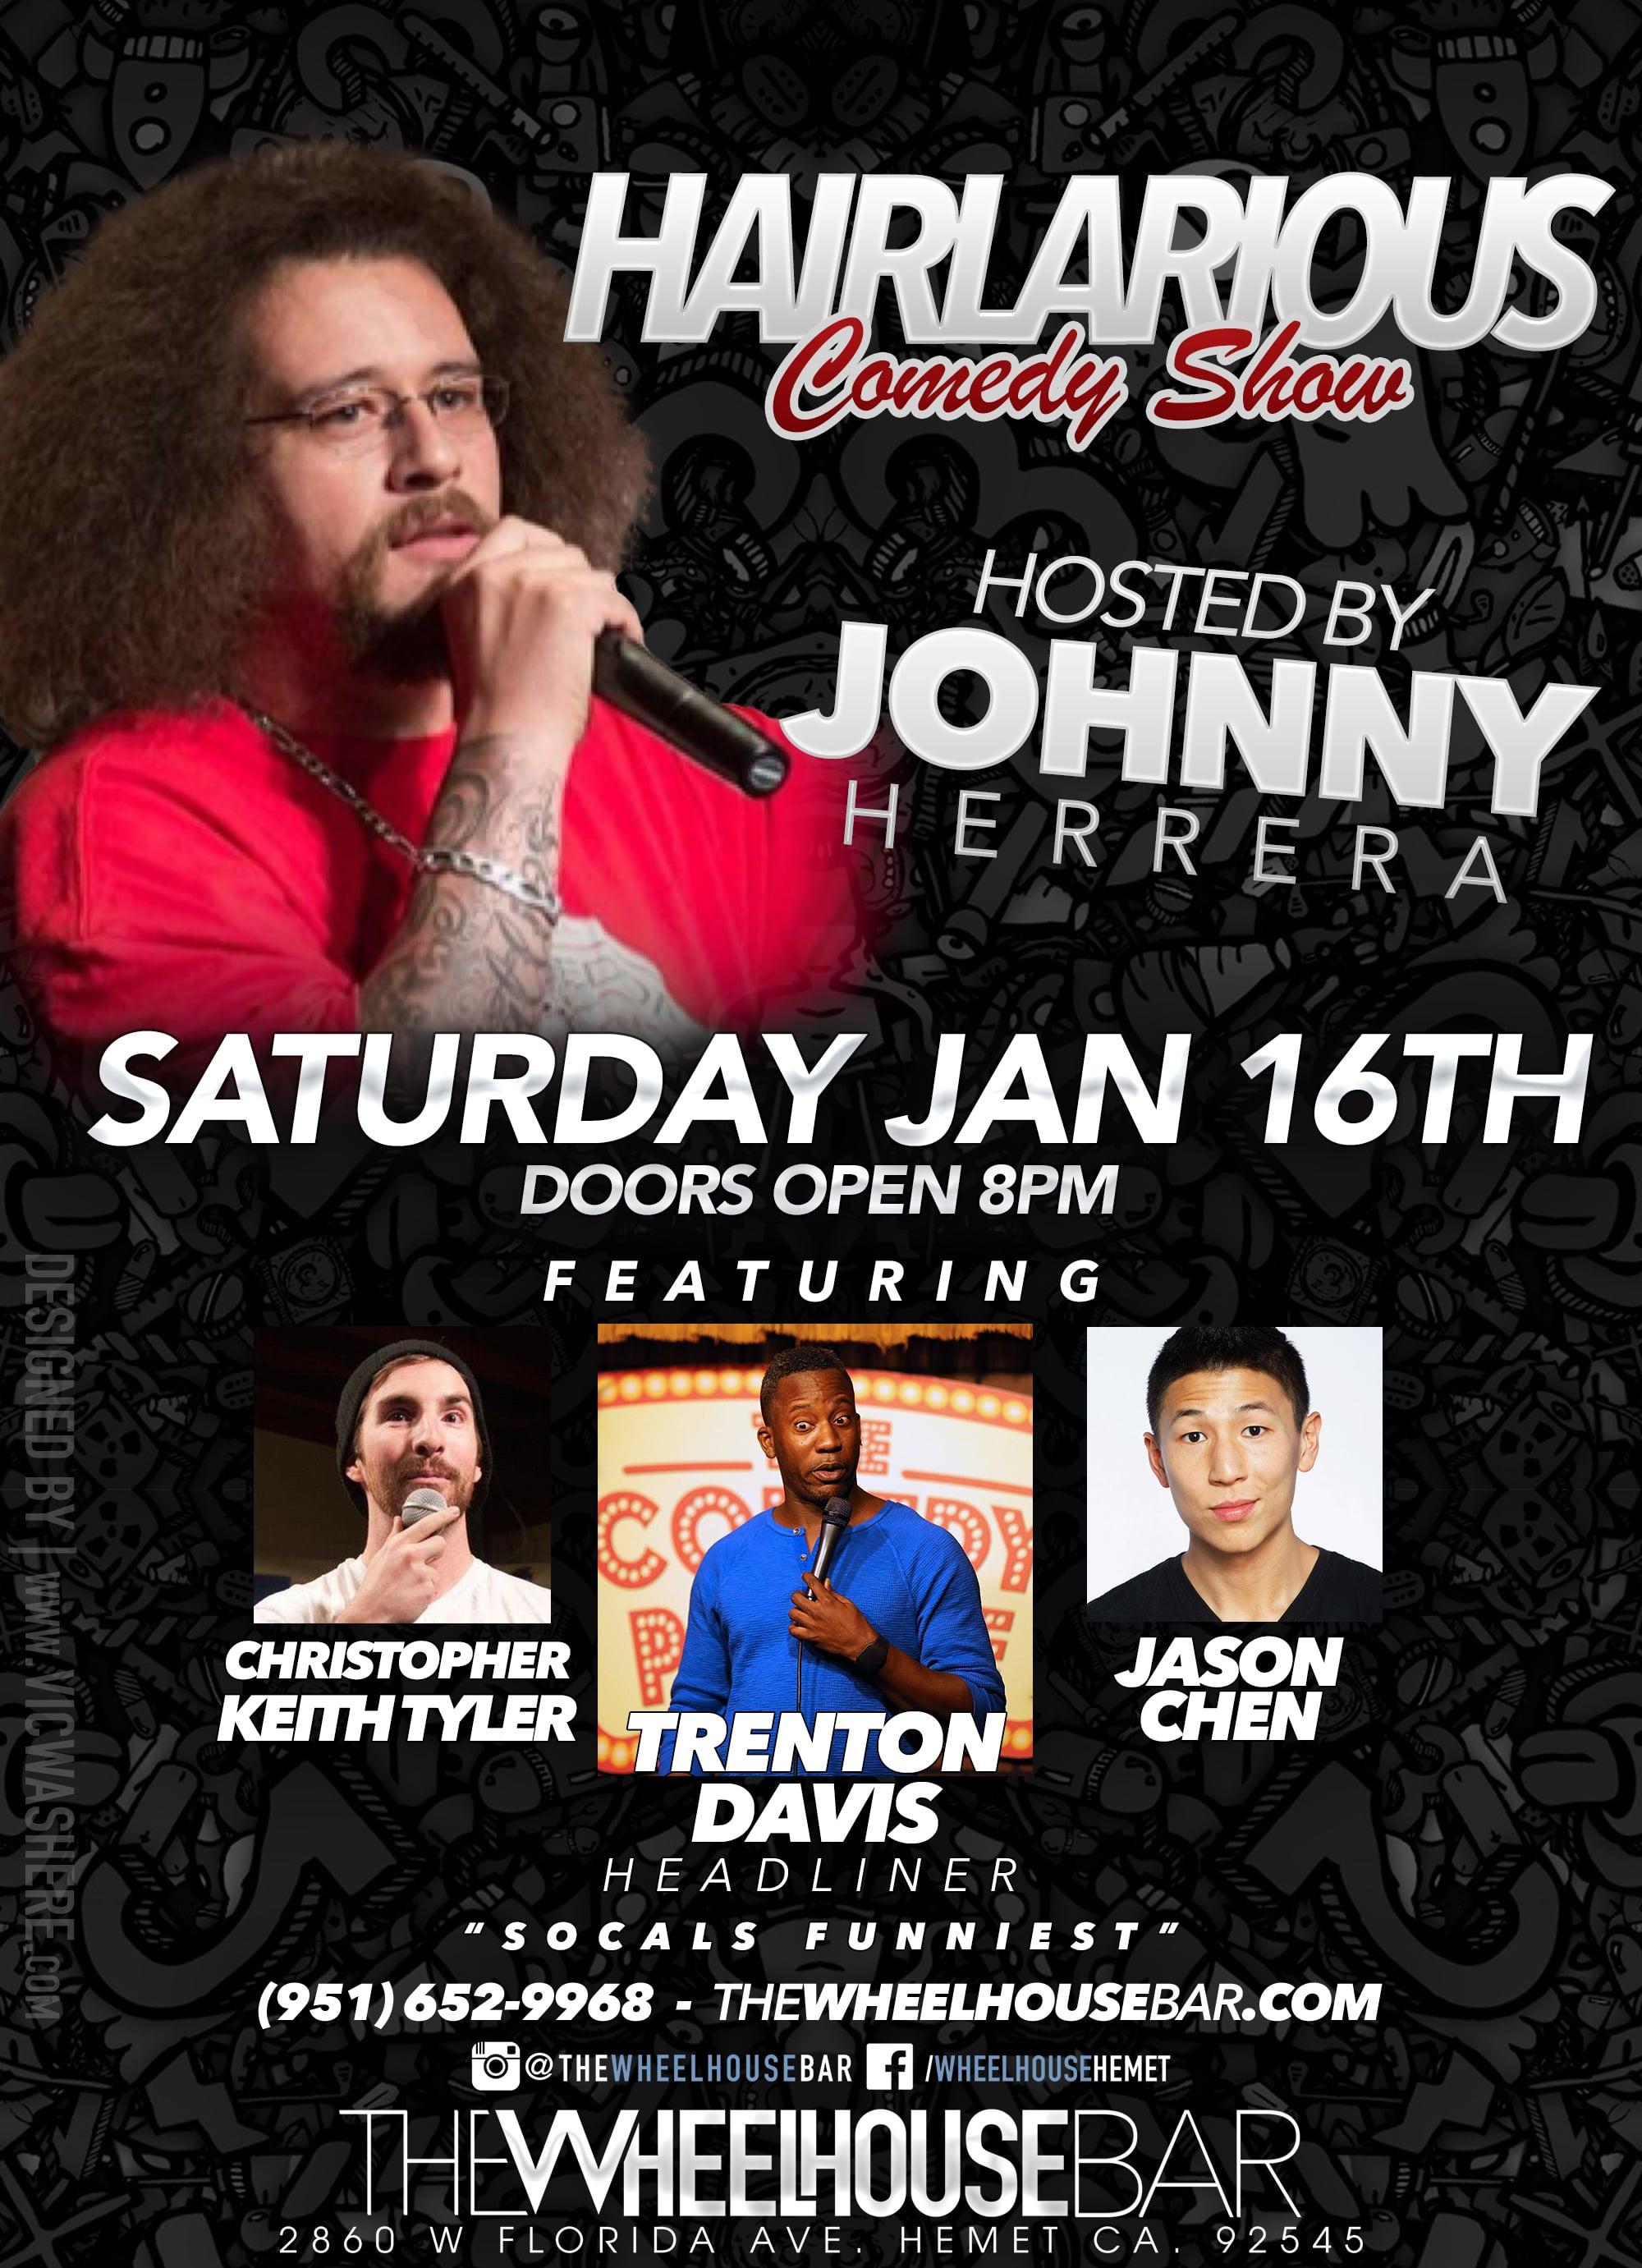 Saturday January 16th Johnny Herrera comedy show 2016